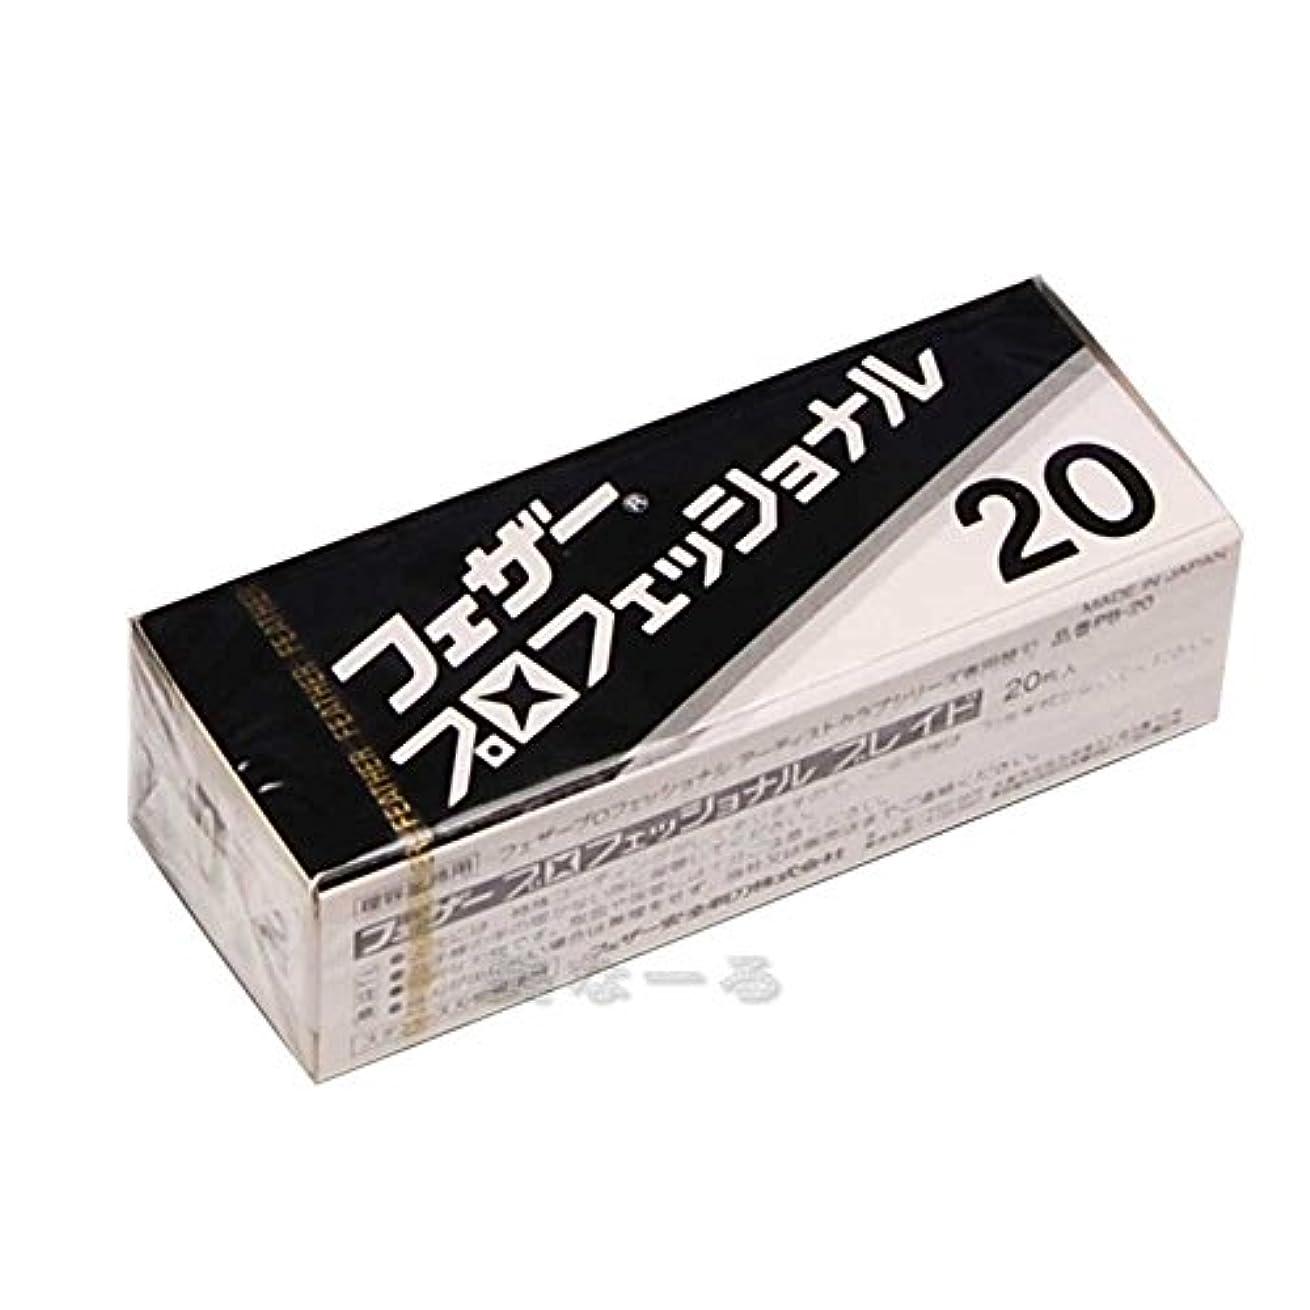 フック約設定高くフェザー プロフェッショナル ブレイド PB-20 替刃 20枚入